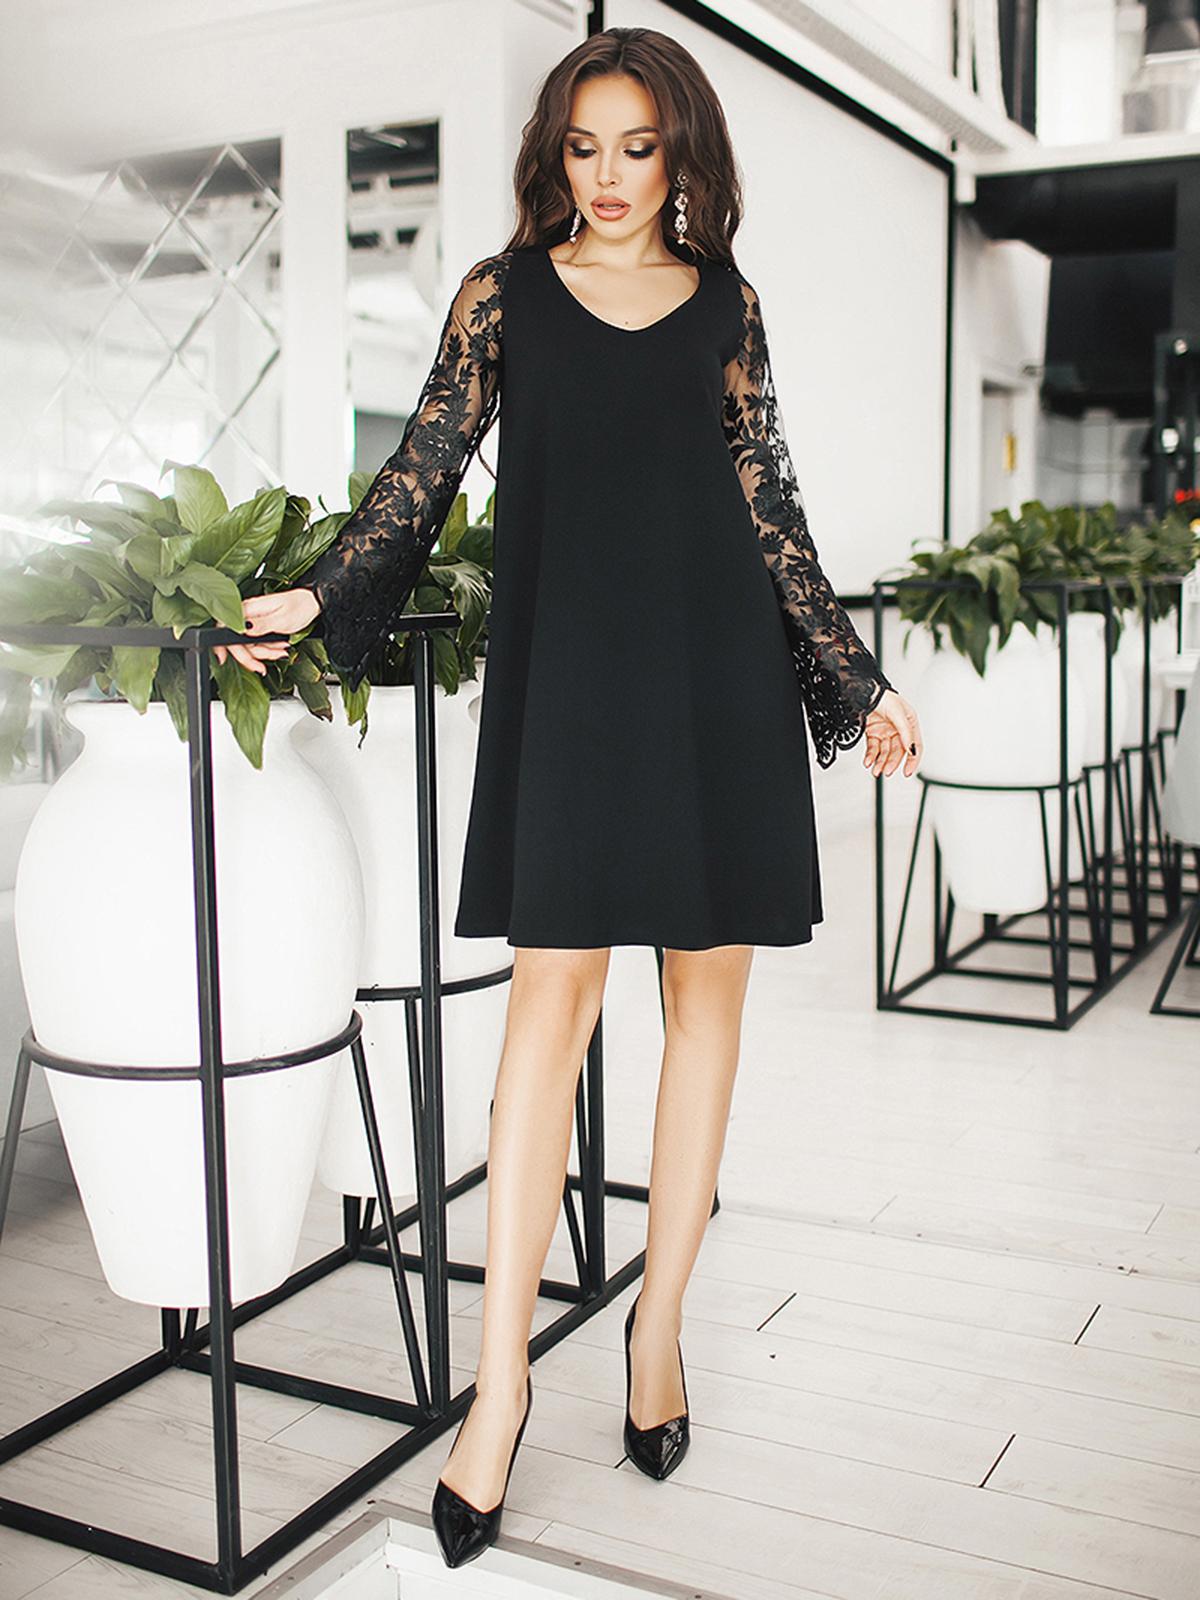 имеющая черное платье с рукавичками фото собрали фильмы фотографах